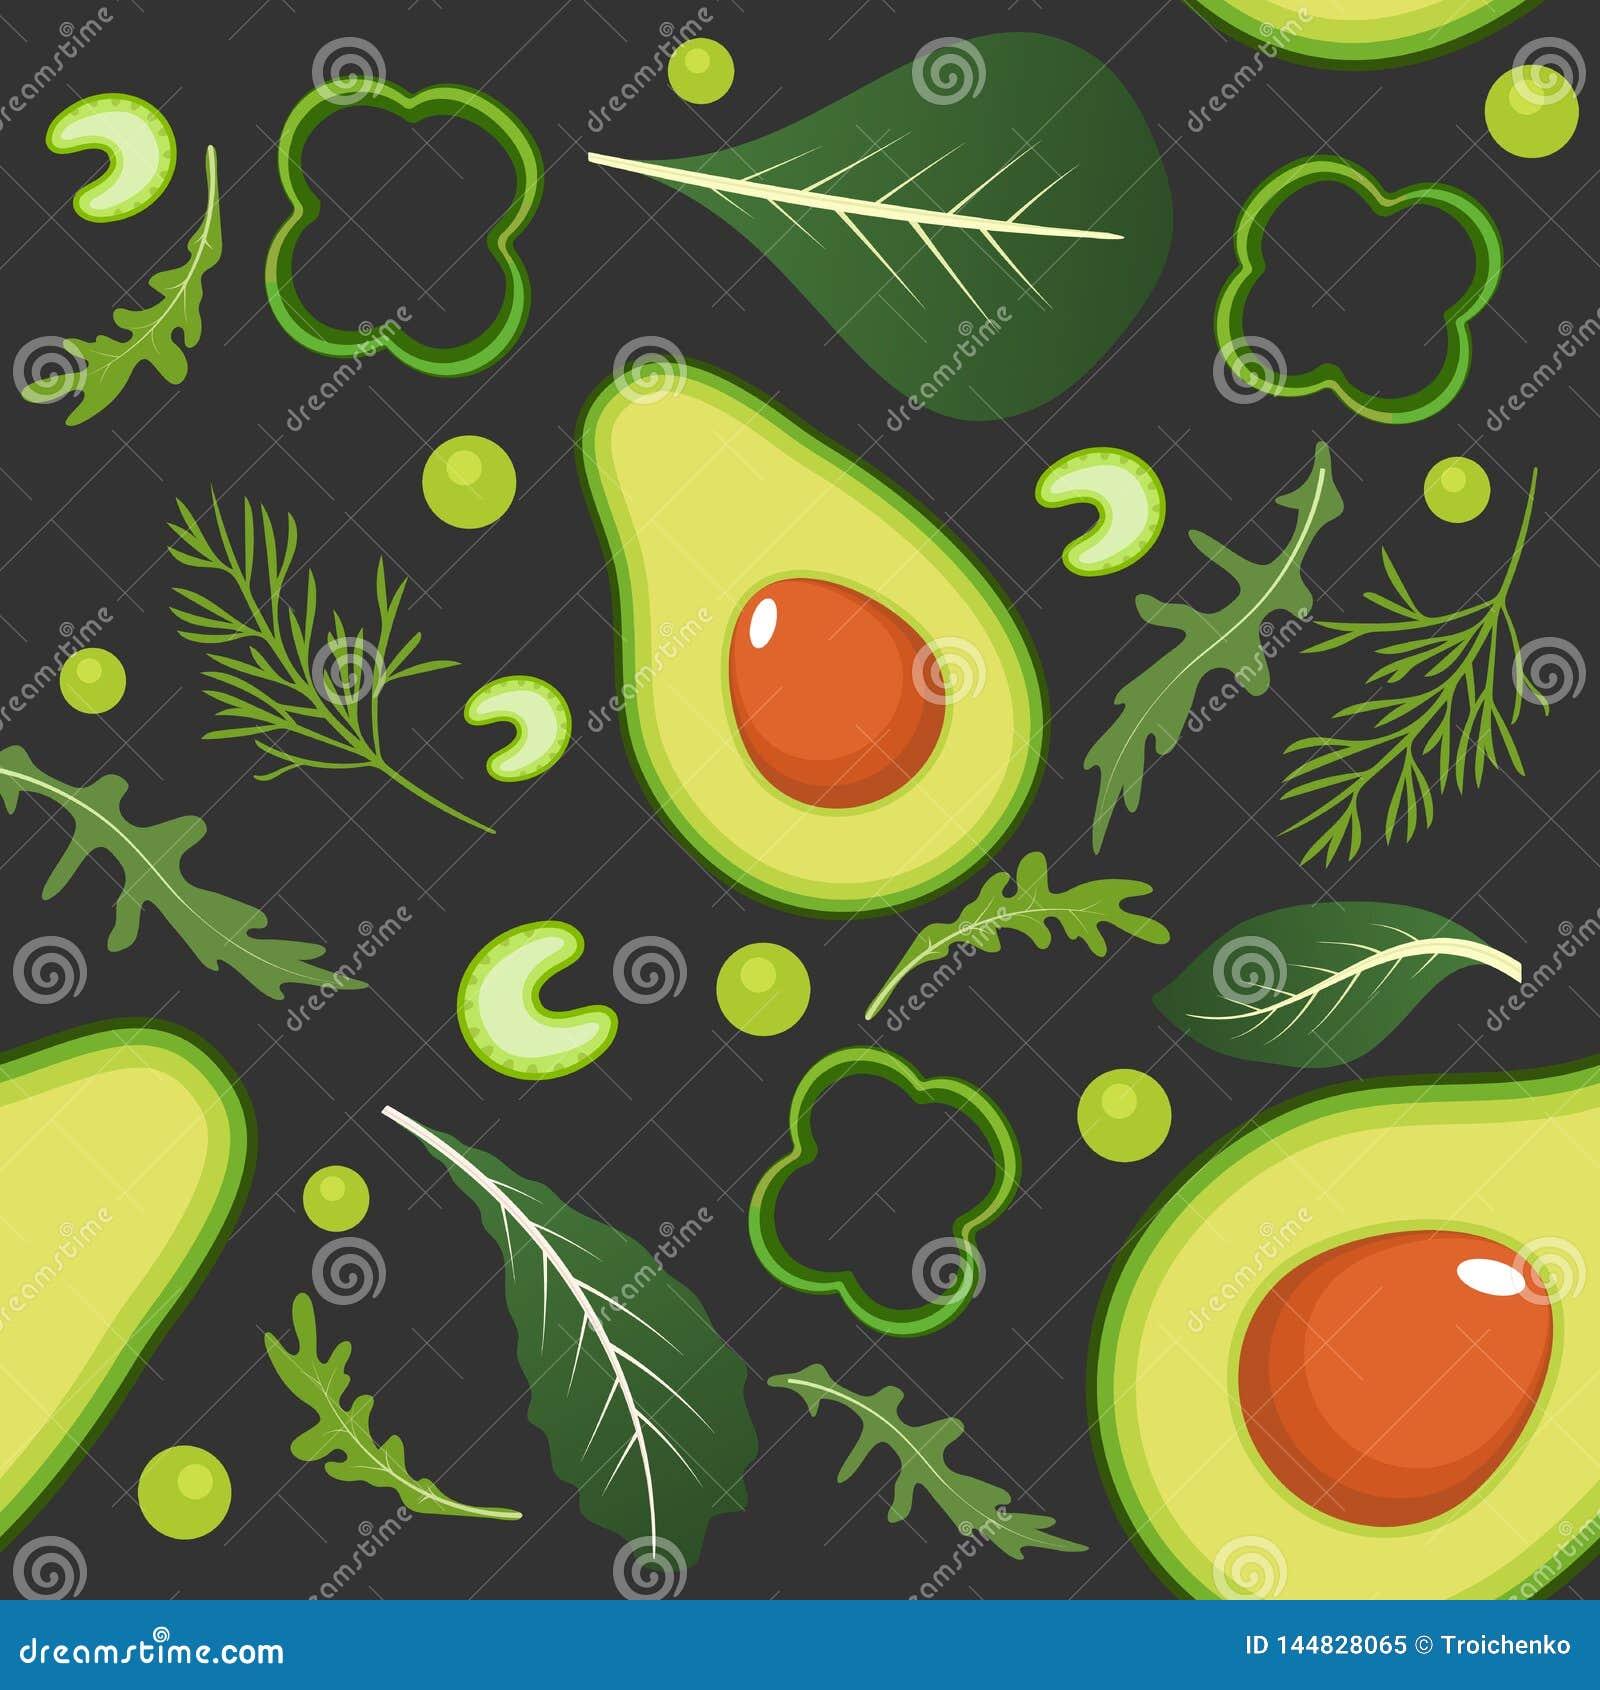 Teste padr?o sem emenda no fundo escuro com vegetais verdes Abacate, paprika, ervilhas verdes, aipo, espinafre, r?cula e